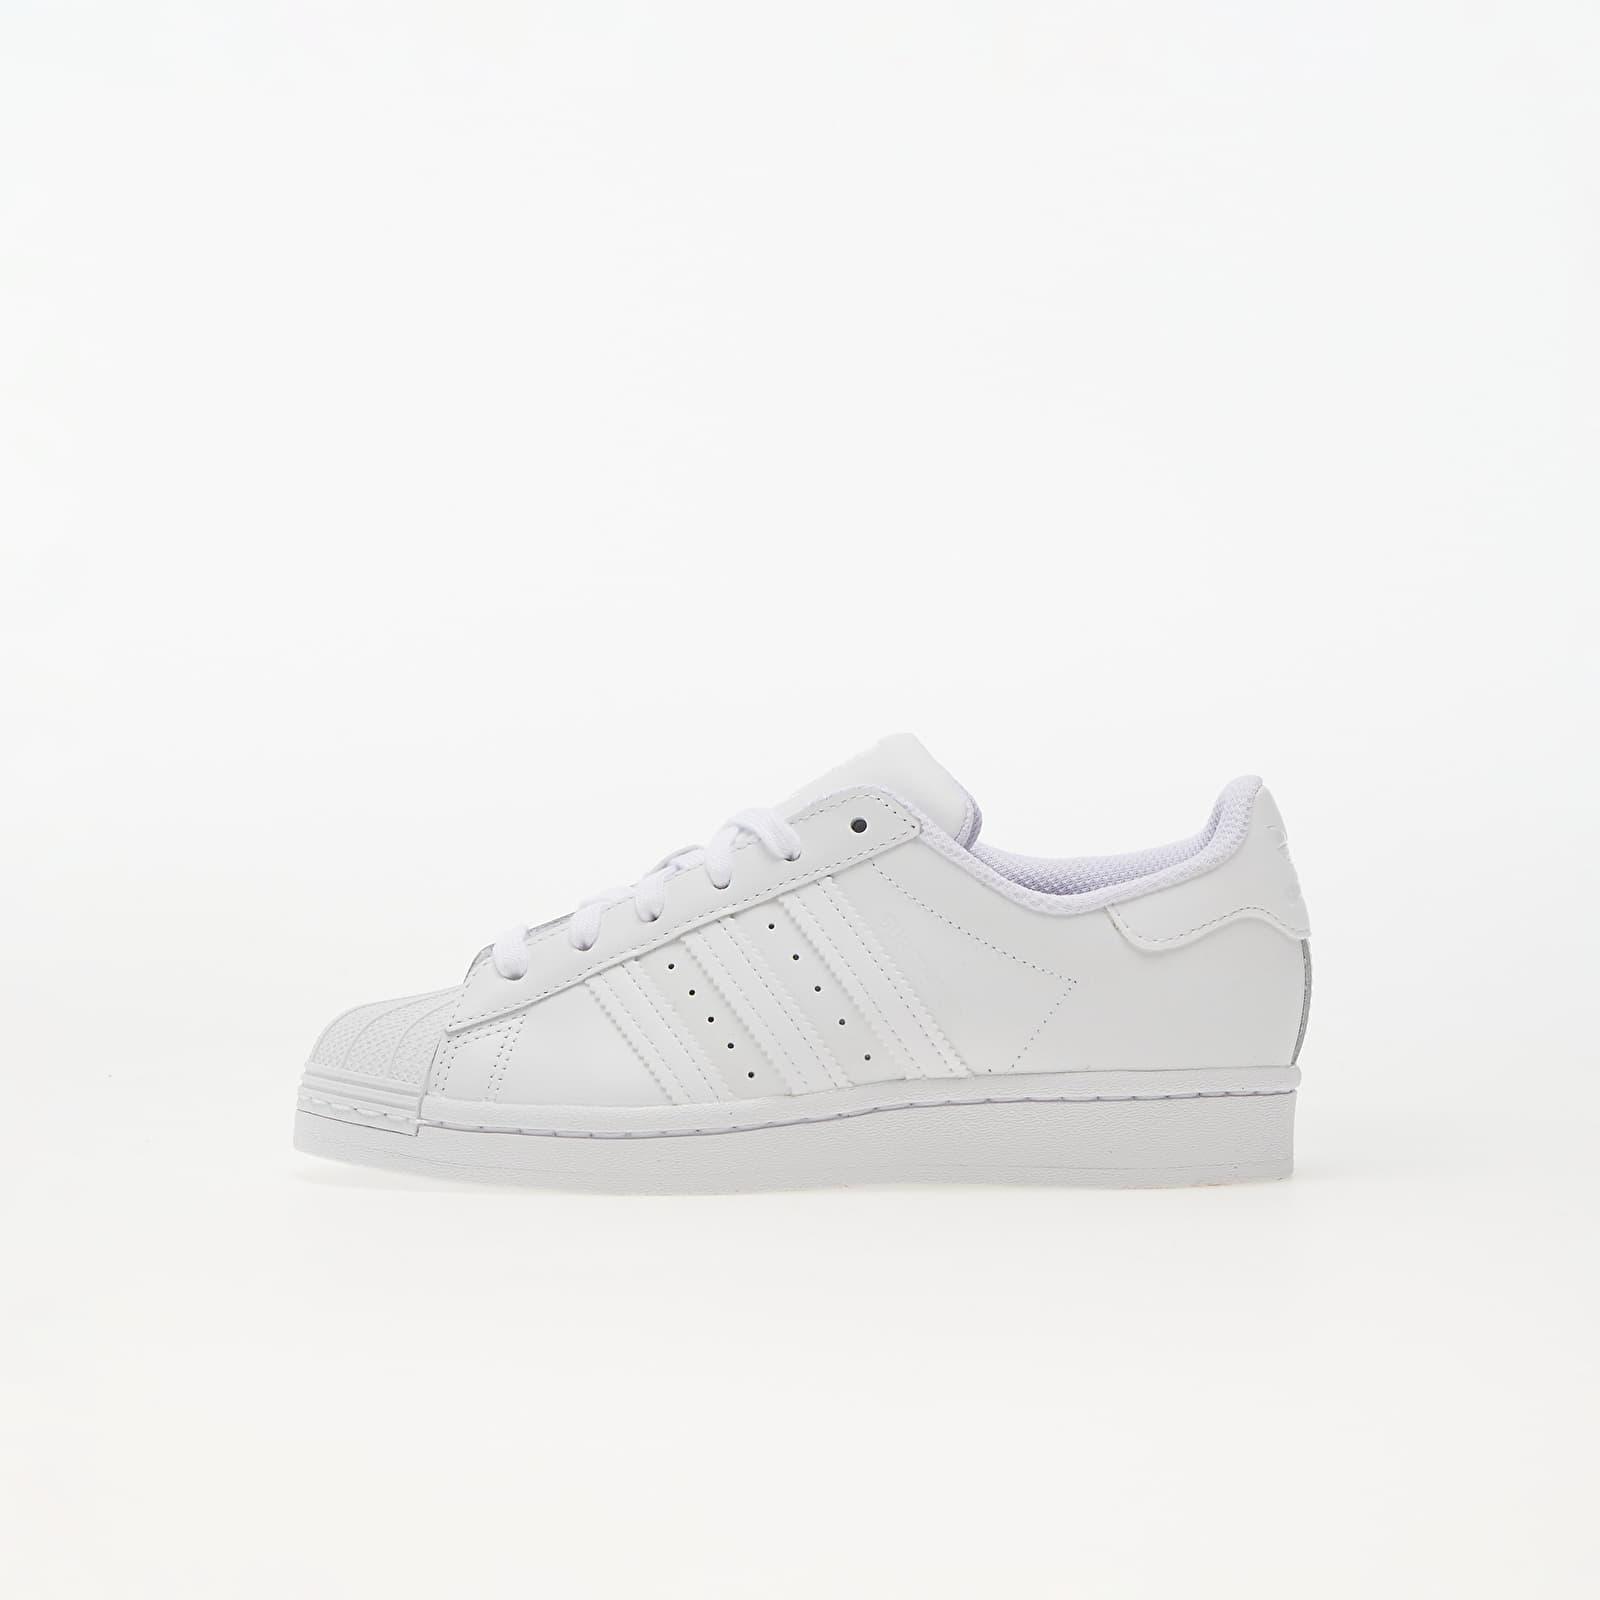 adidas Superstar J Ftwr White/ Ftwr White/ Ftwr White EUR 36.7